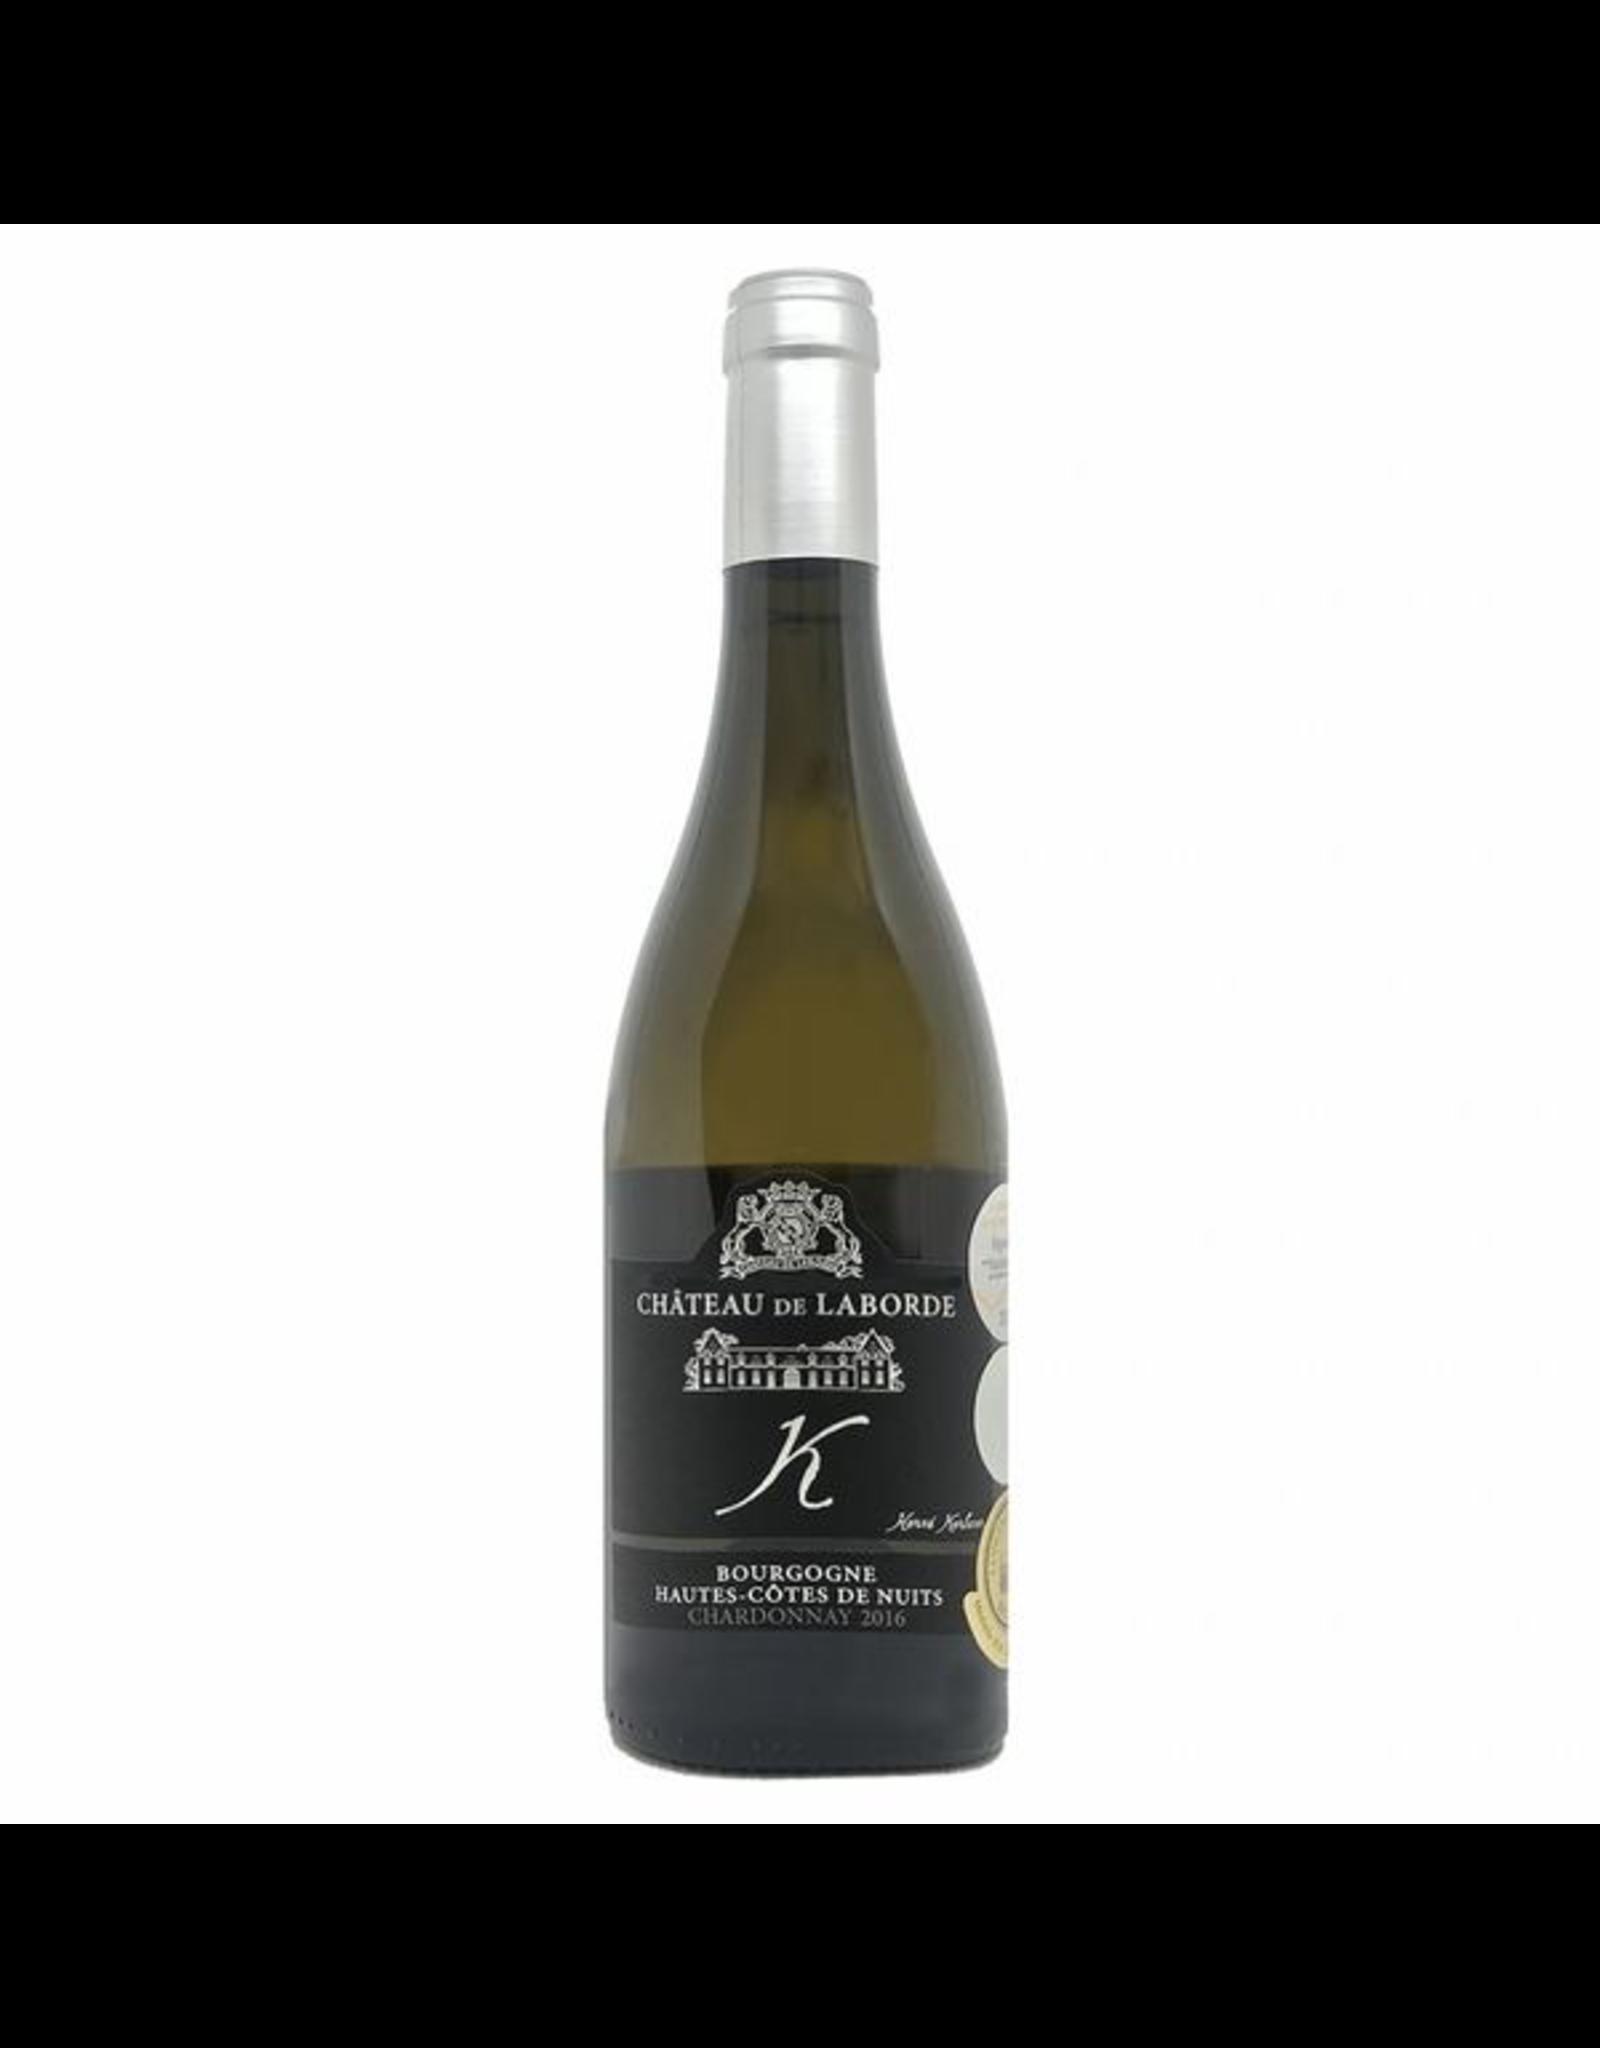 """White Wine 2016, Chateau De Laborde Cuvee """"K"""" Bourgogne Hautes Cotes de Nuits, Chardonnay, Nuits Saint Georges, Burgundy, France, 13% Alc, NR"""